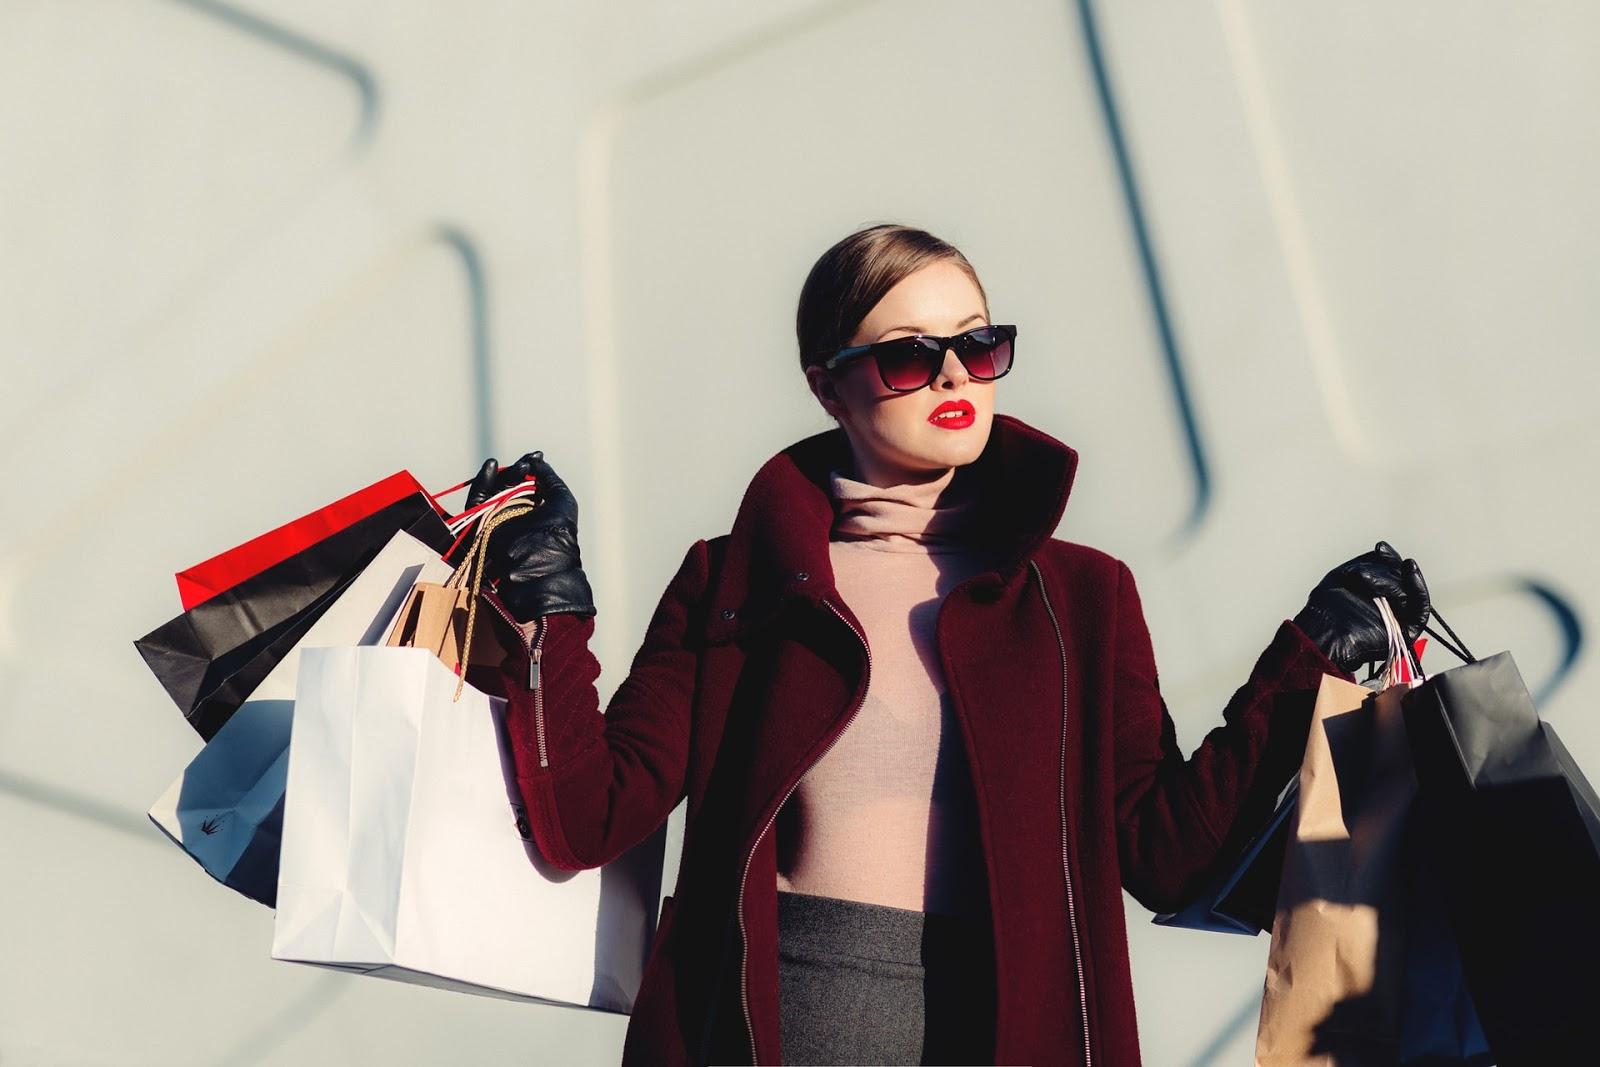 (P) Vrei să economisești? 8 trucuri pentru cumpărături inteligente